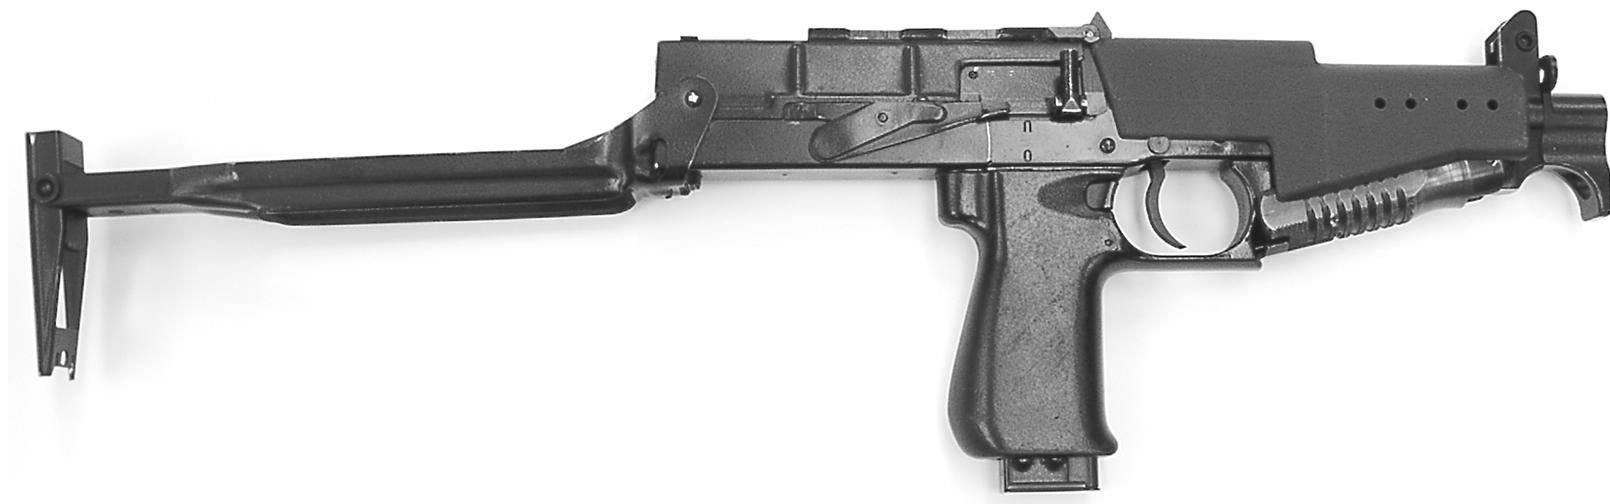 Рисунок 1.3 - Пистолет-пулемет СР2М с откинутым прикладом